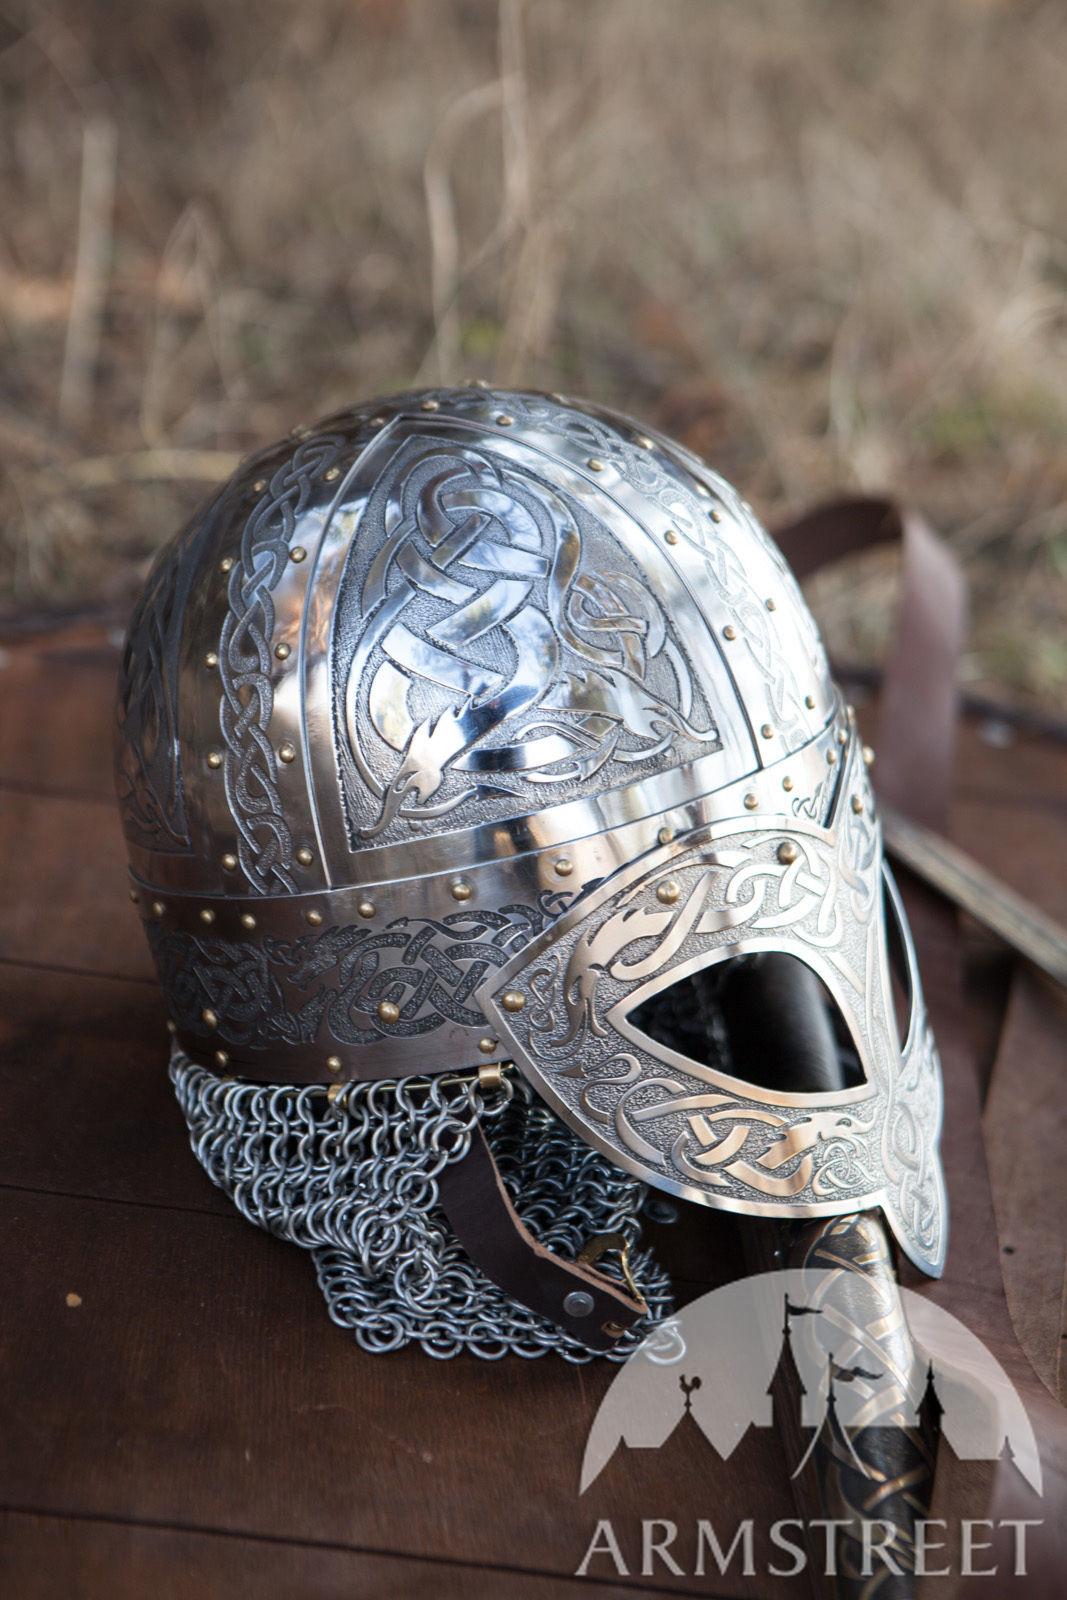 Exclusive Vikings Valsgaarde Stainless Steel Helm